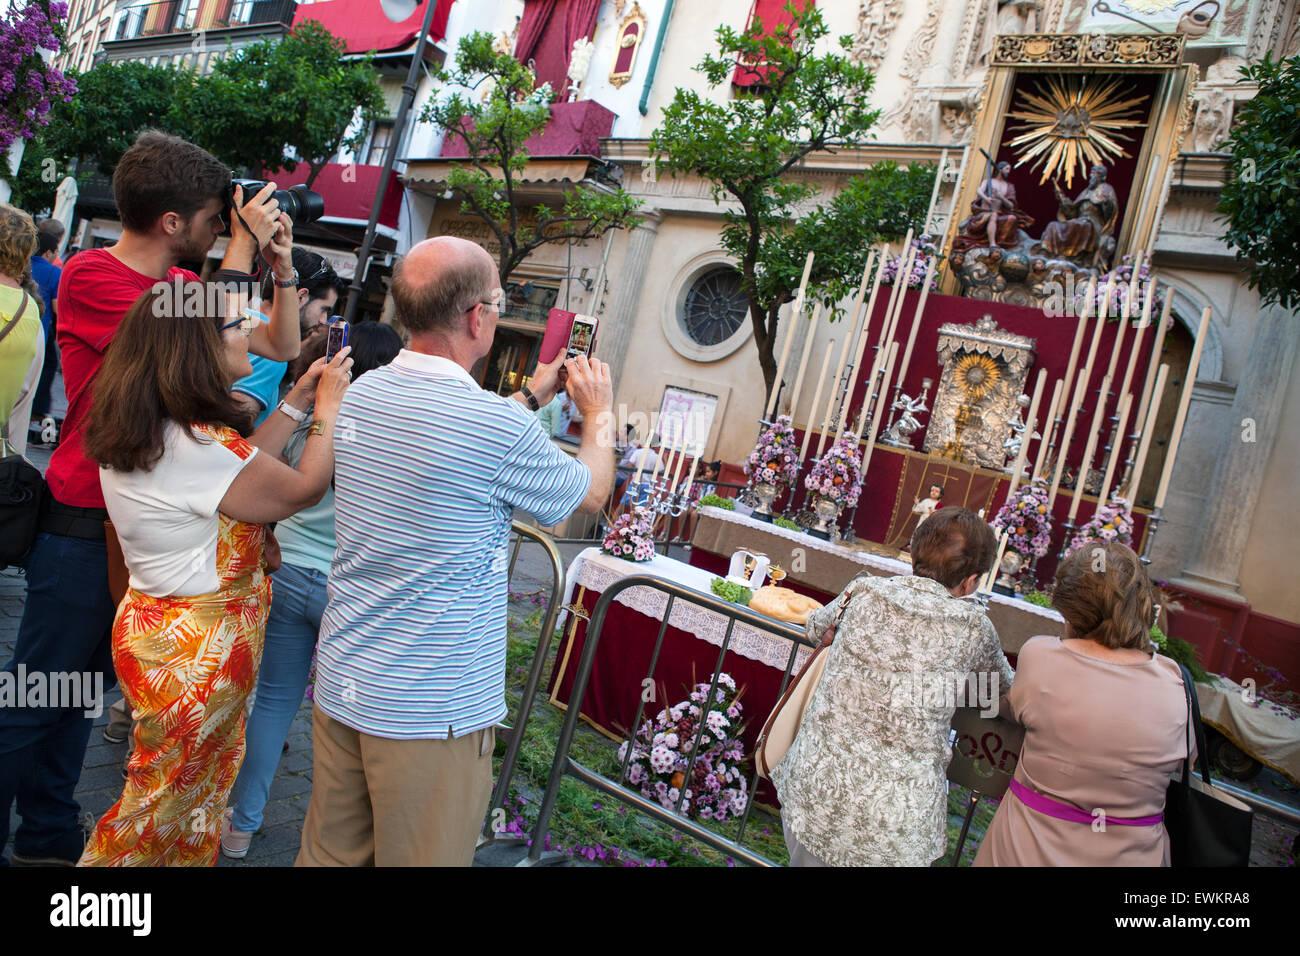 Los turistas toman fotografías de un santuario en frente de la Iglesia colegial del Divino Salvador durante Imagen De Stock